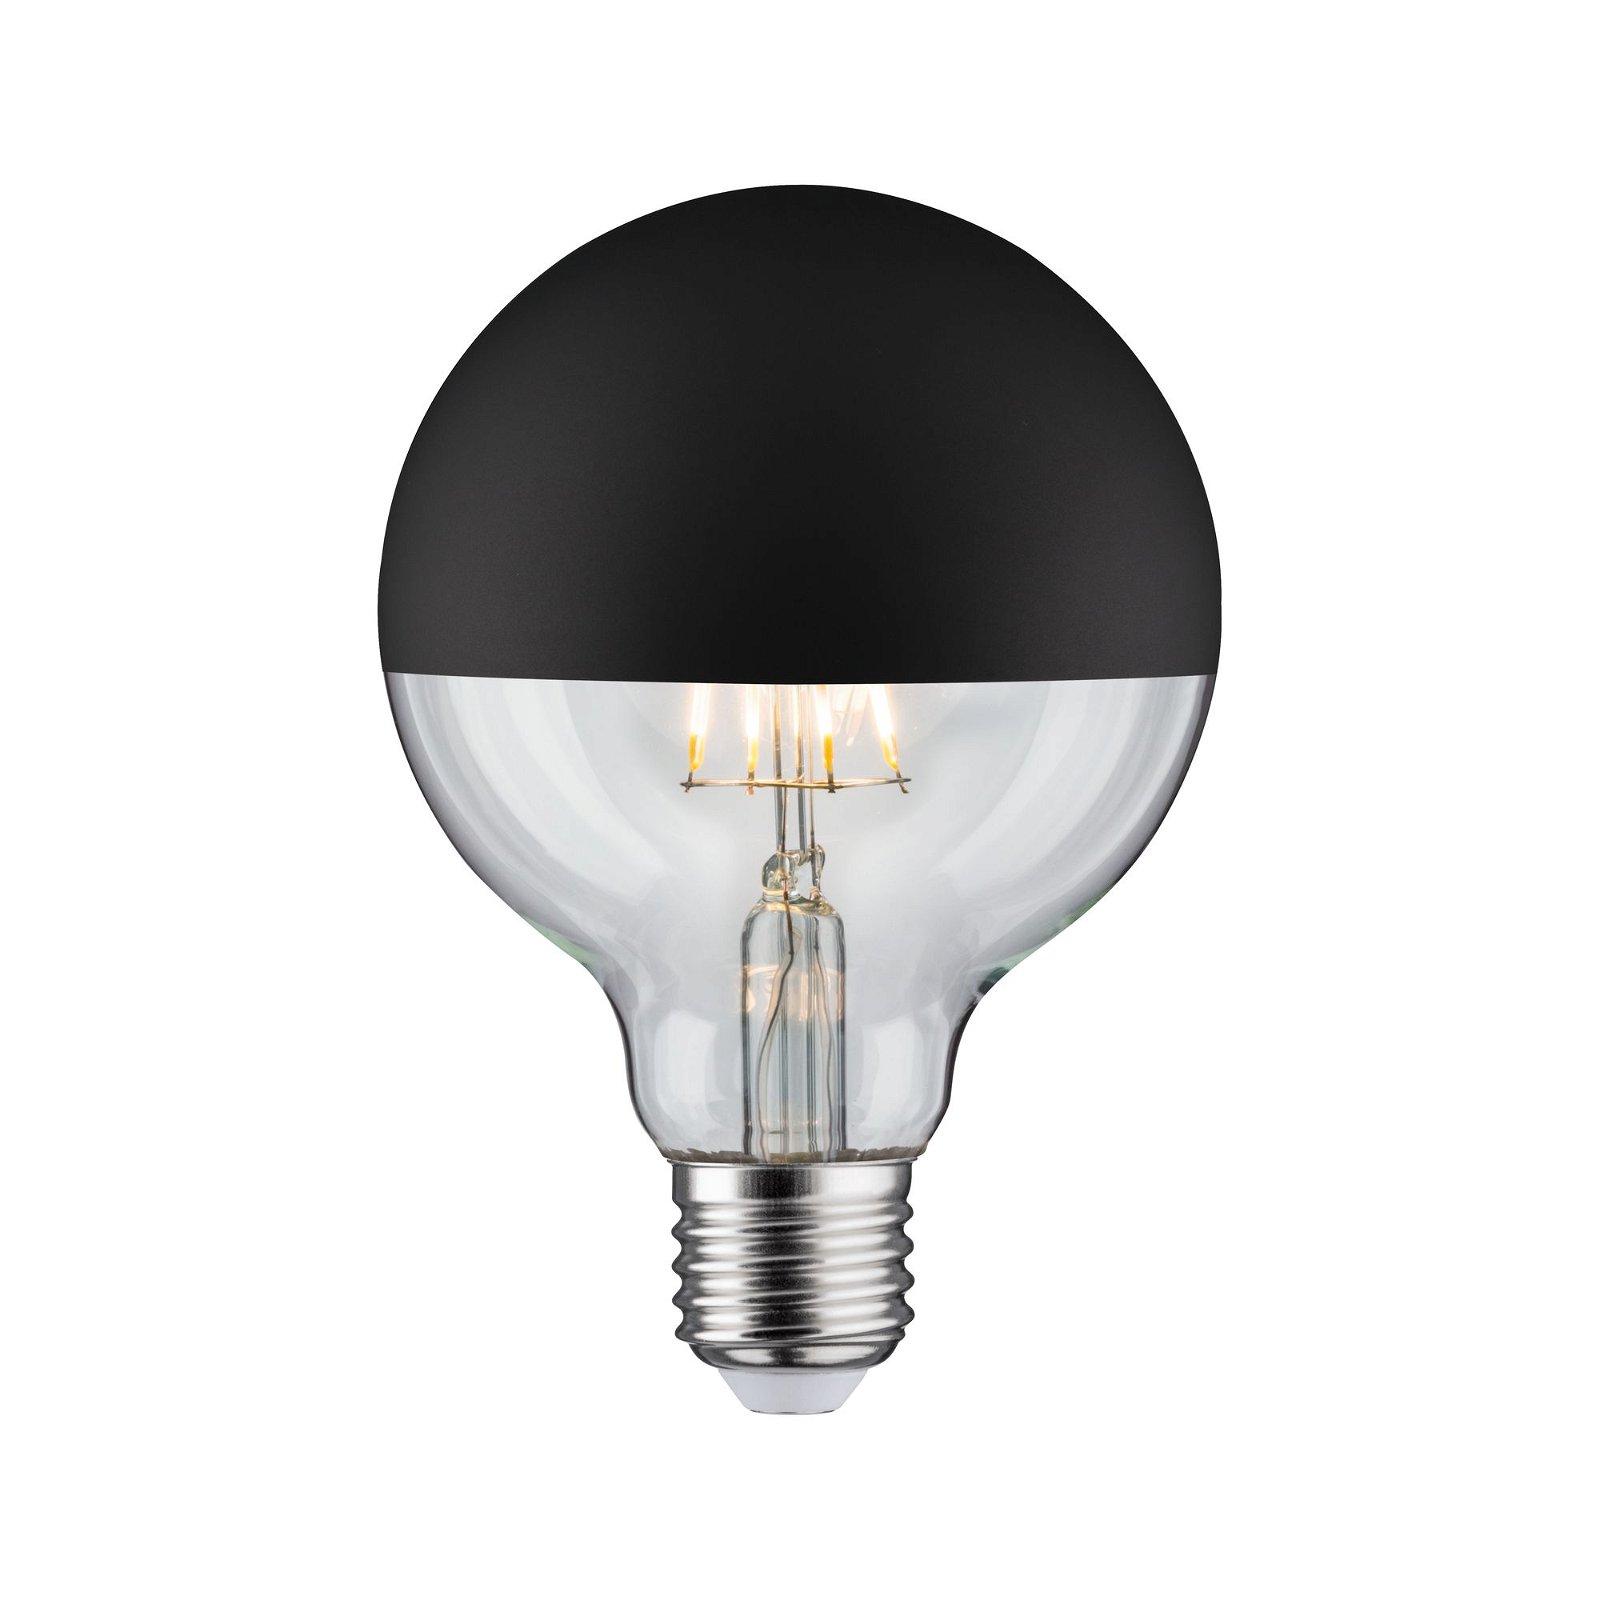 Modern Classic Edition LED Globe Kopspiegel E27 230V 600lm 6,5W 2700K Kopspiegel zwart mat